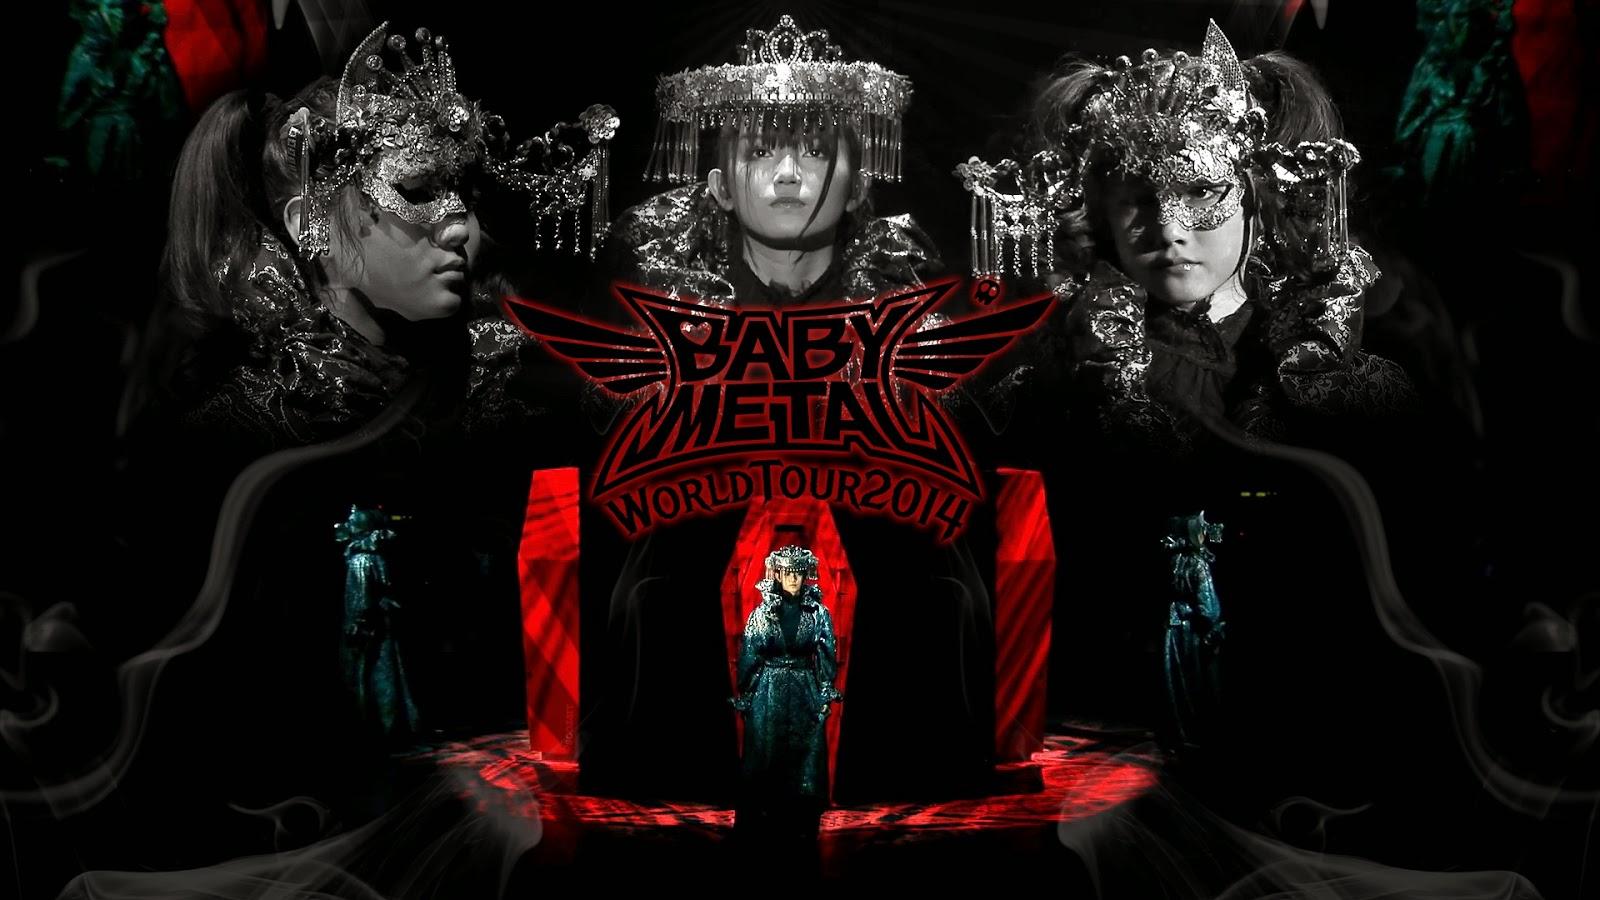 Babymetalの画像 原寸画像検索